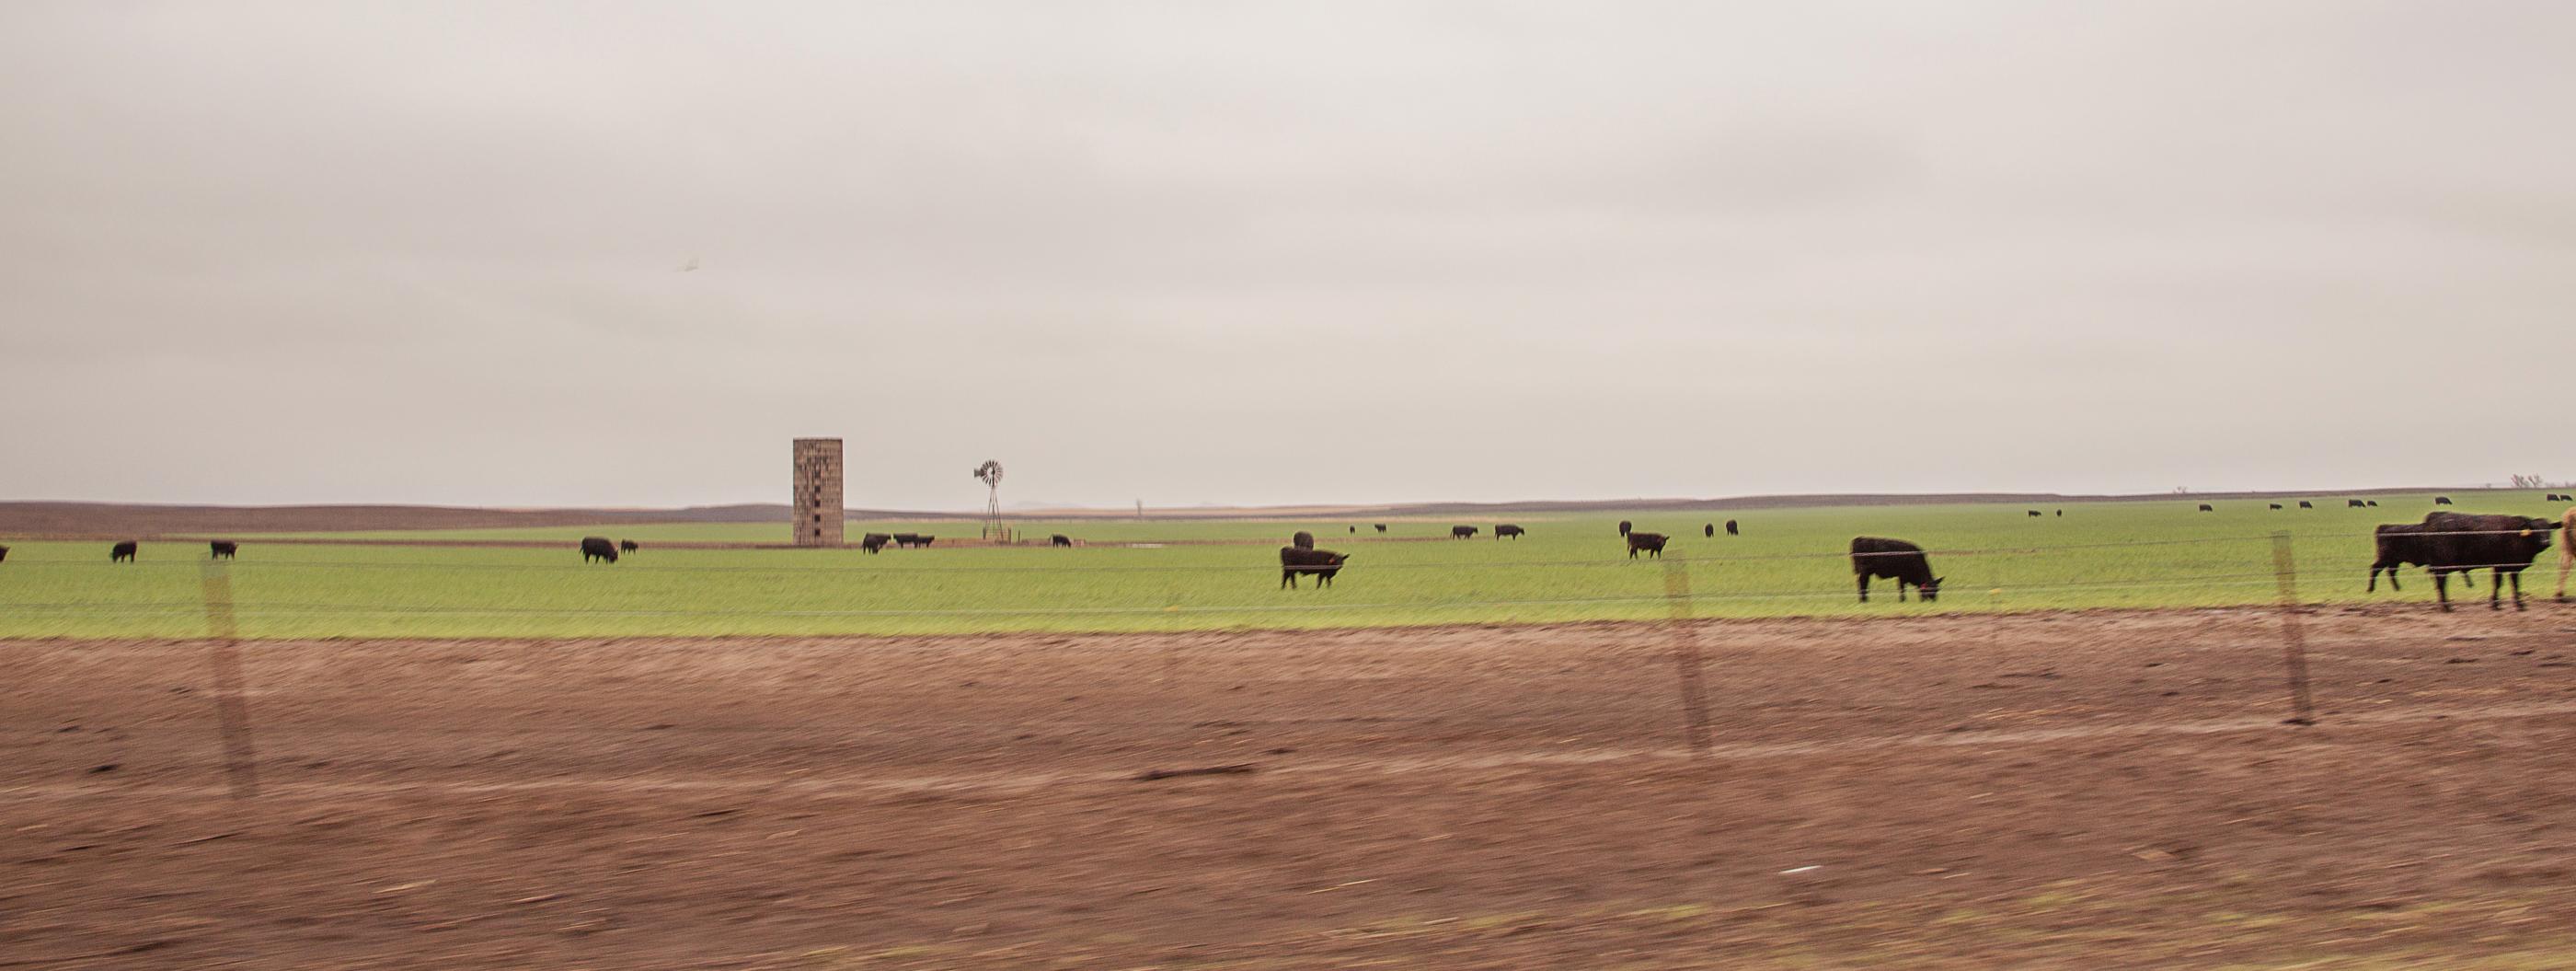 Kansas250.jpg